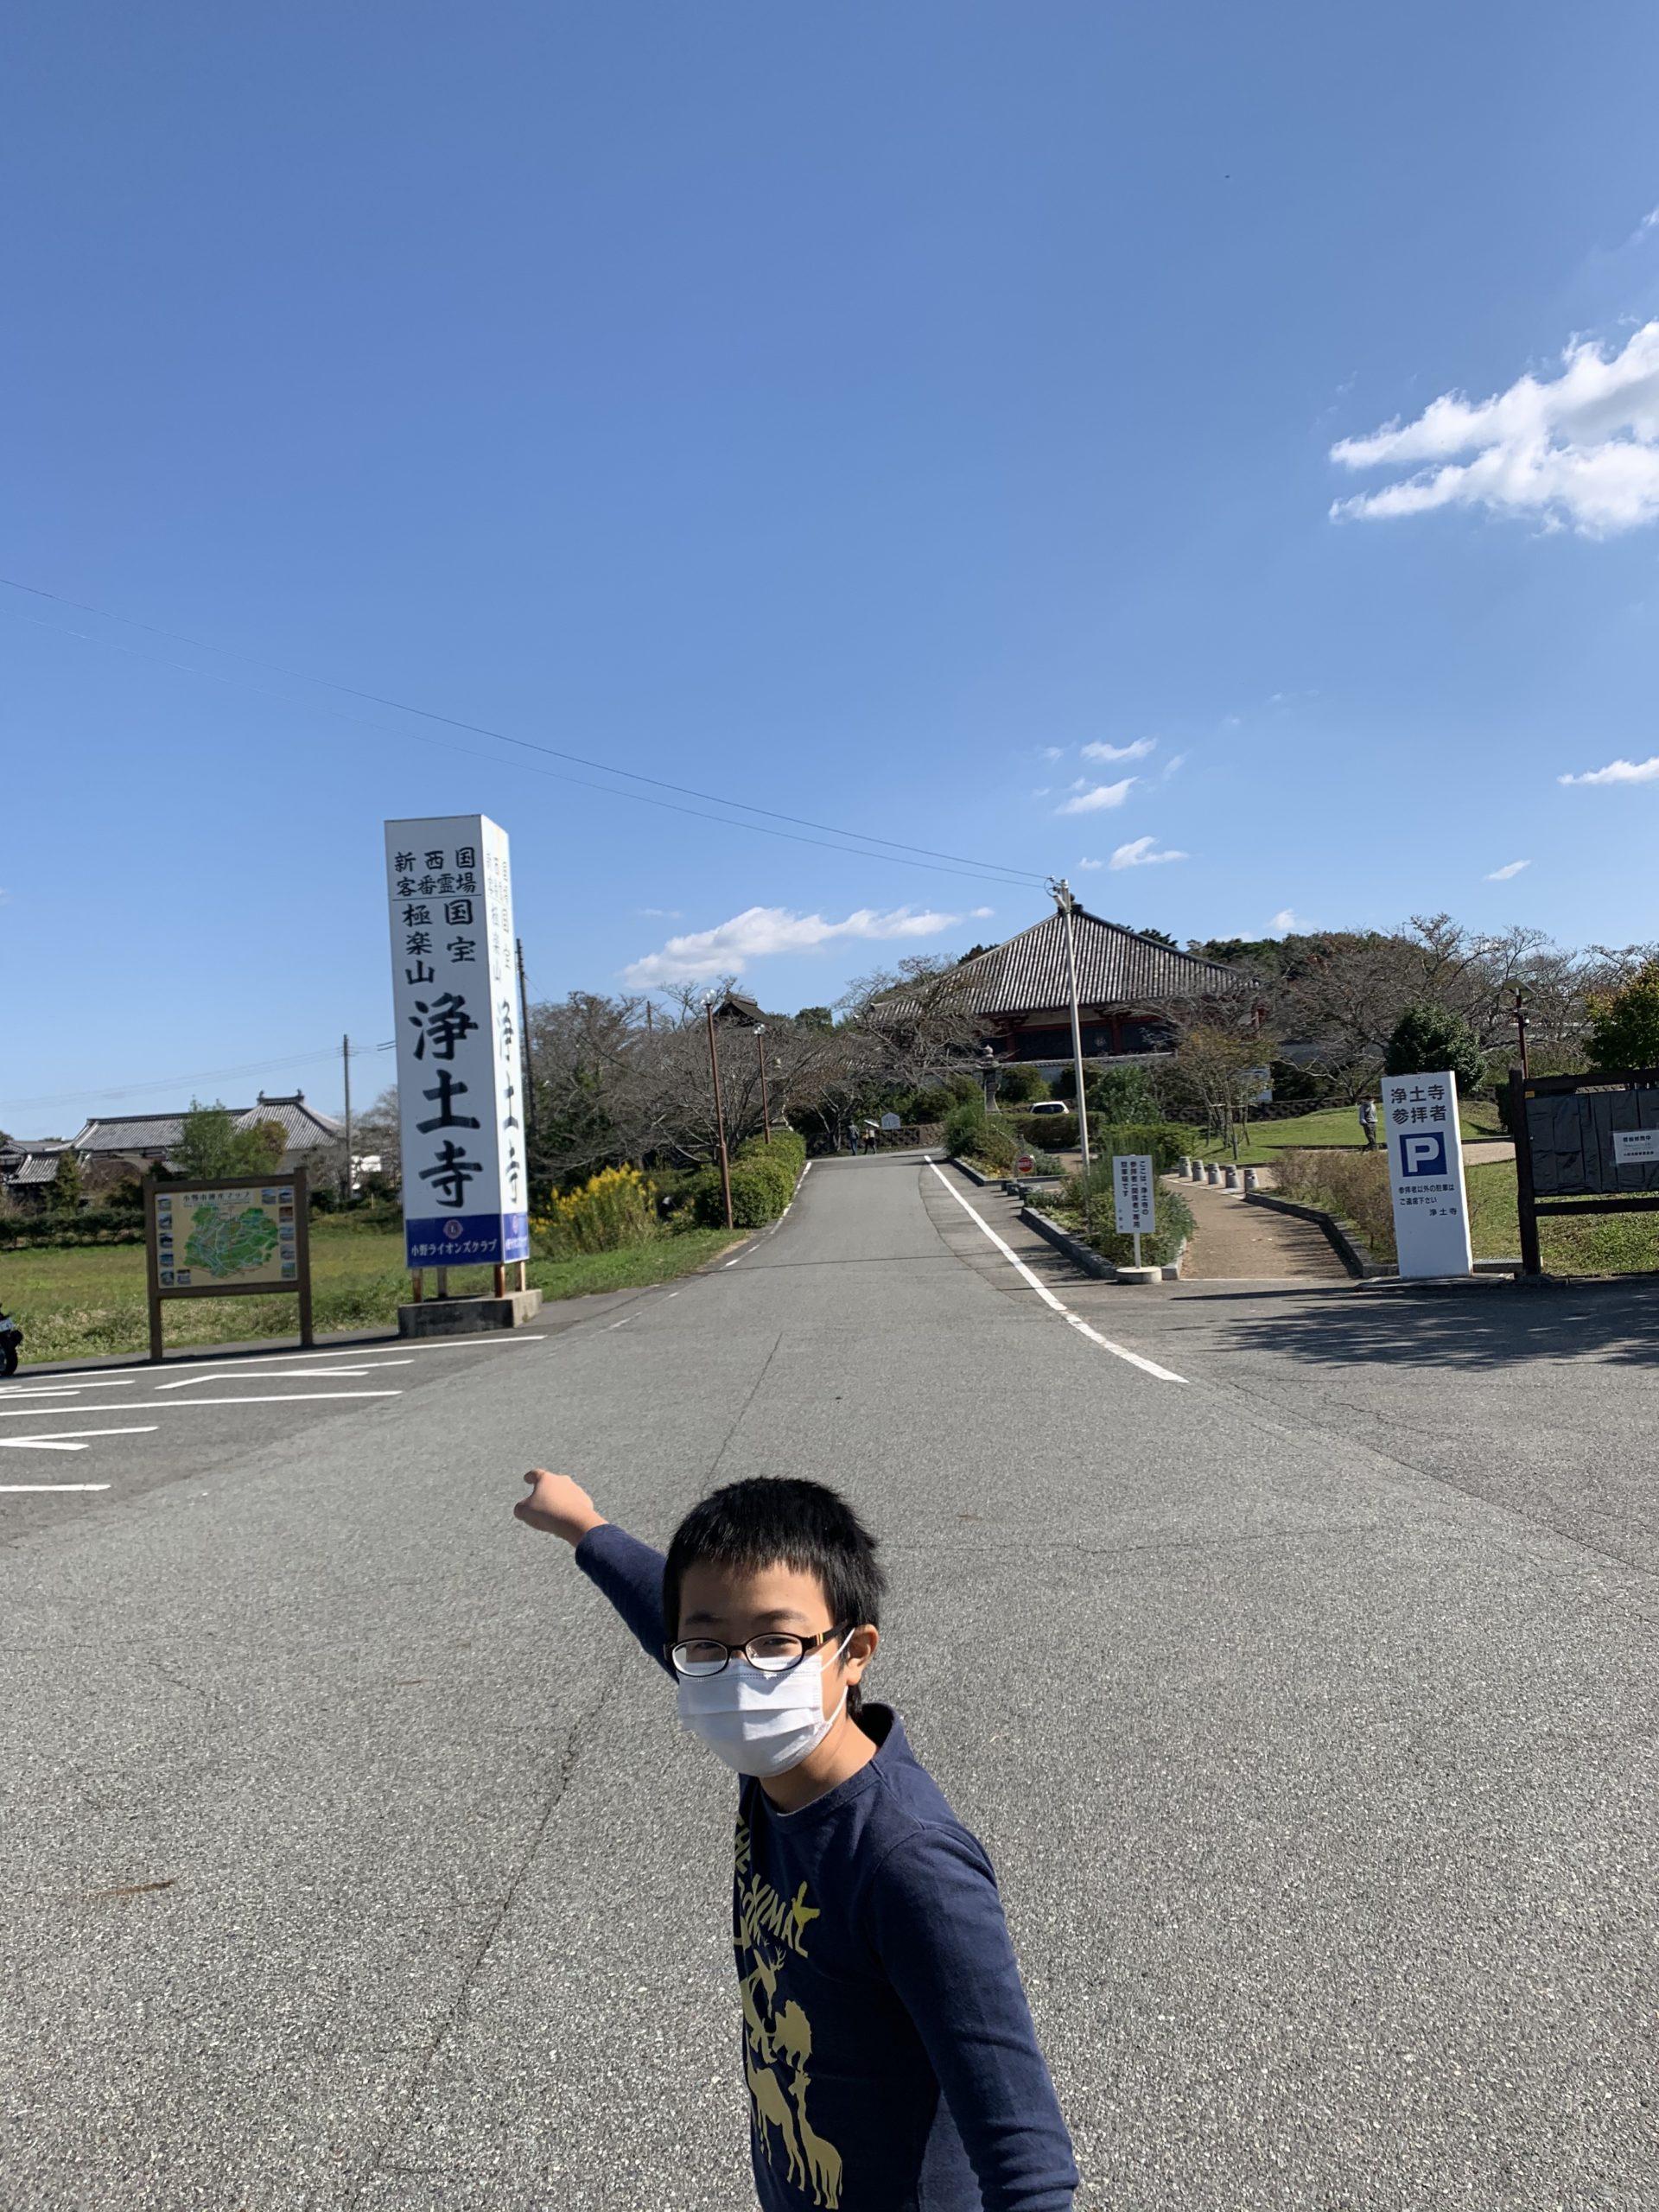 浄土寺駐車場は無料!うれしー!